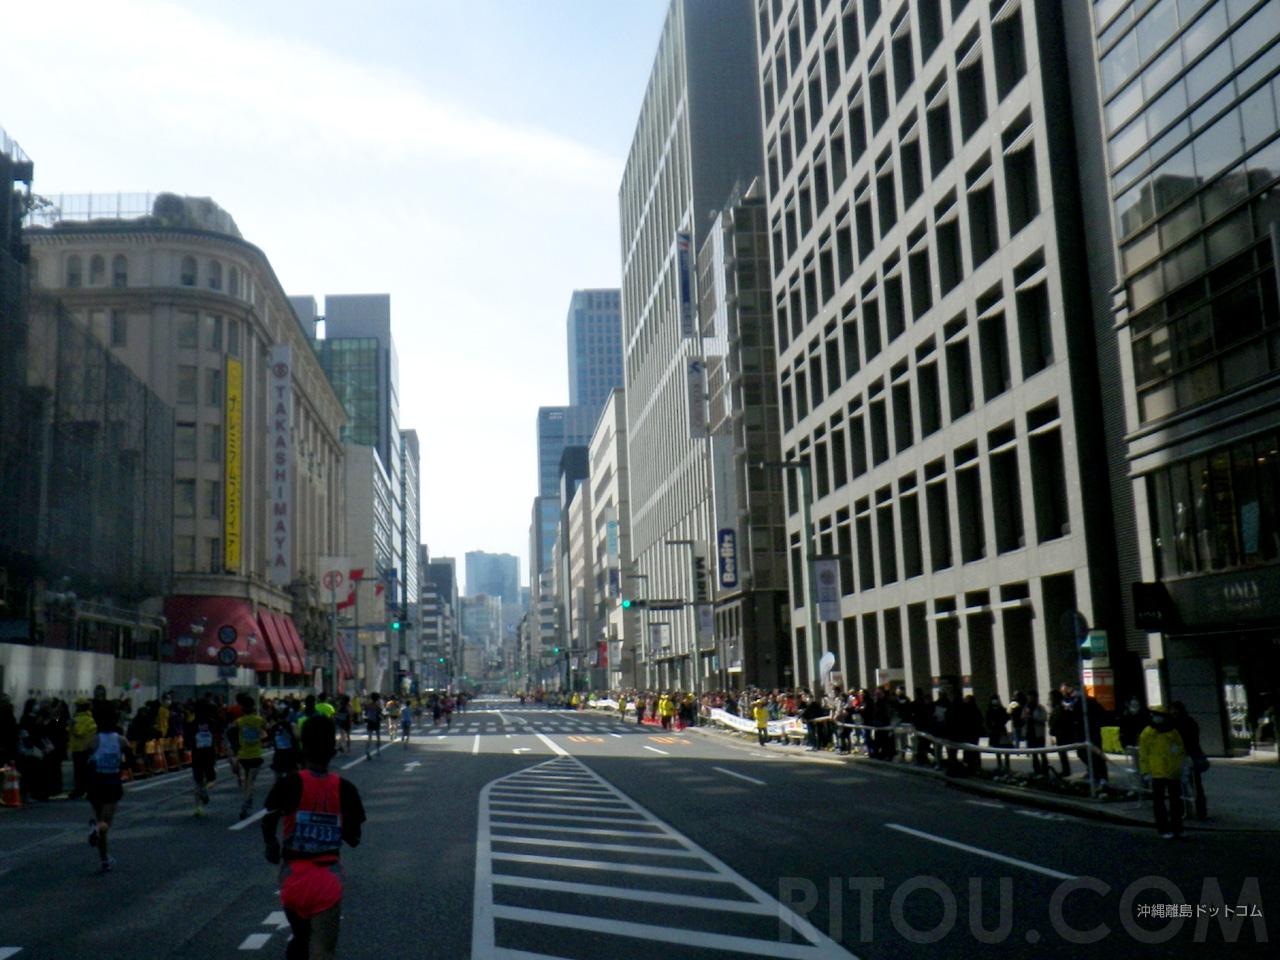 【28.5km】中央通りを日本橋から銀座へ向けて走る!